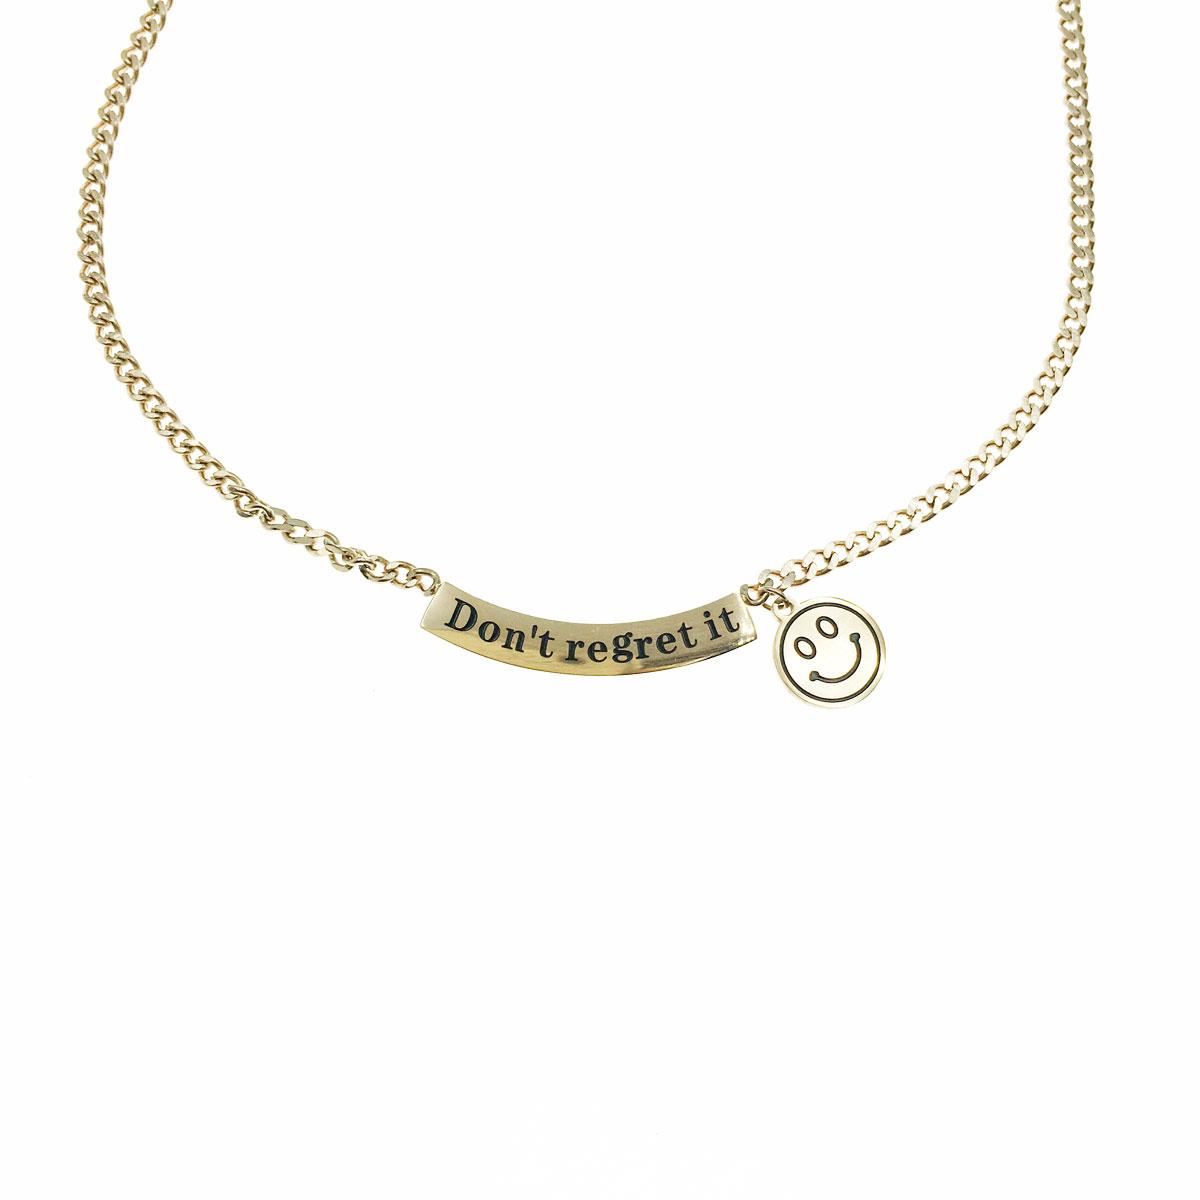 韓國 不銹鋼 微笑 笑臉 英文 鎖骨鍊 短鍊 項鍊 飾品